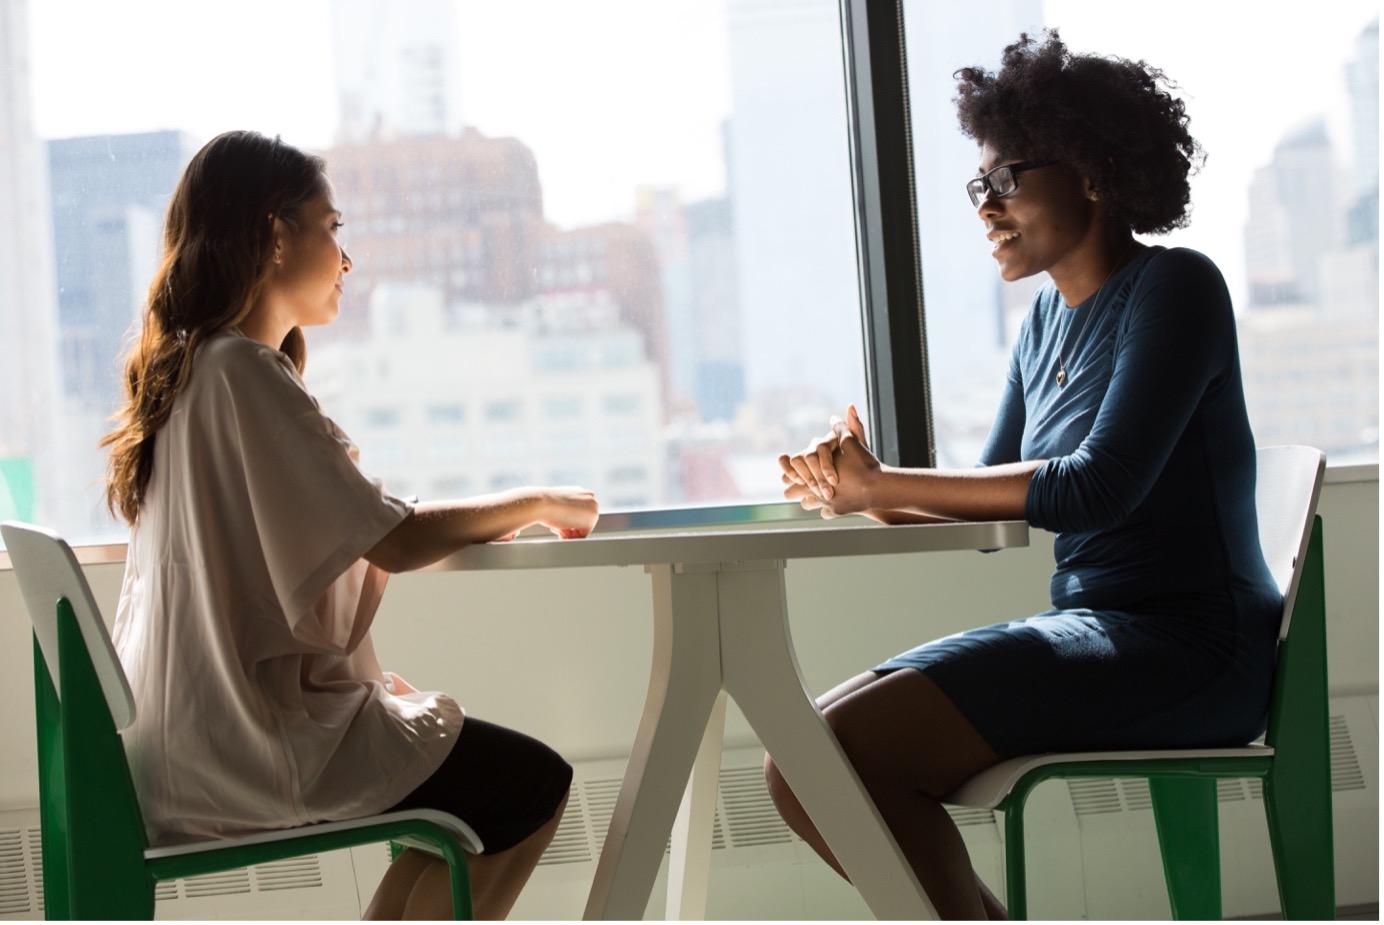 Comment faire un guide d'entretien pour recruter un commercial ?